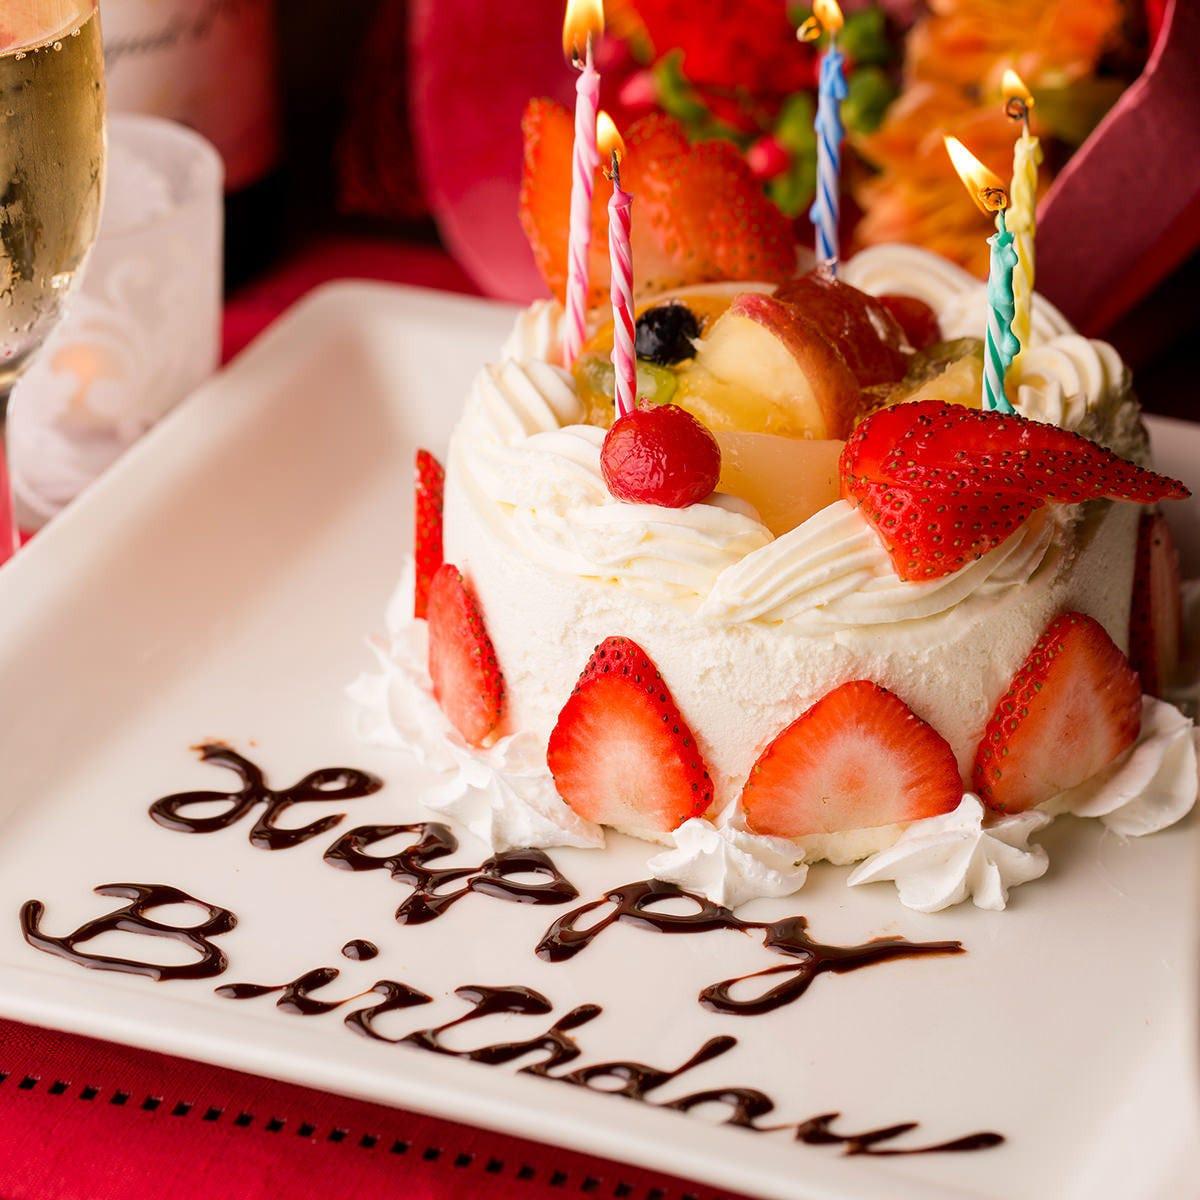 【アニバーサリープラン】ケーキ&シャンパン+おつまみ+2h飲み放題+限定マジック付8,000円★誕生日・記念日